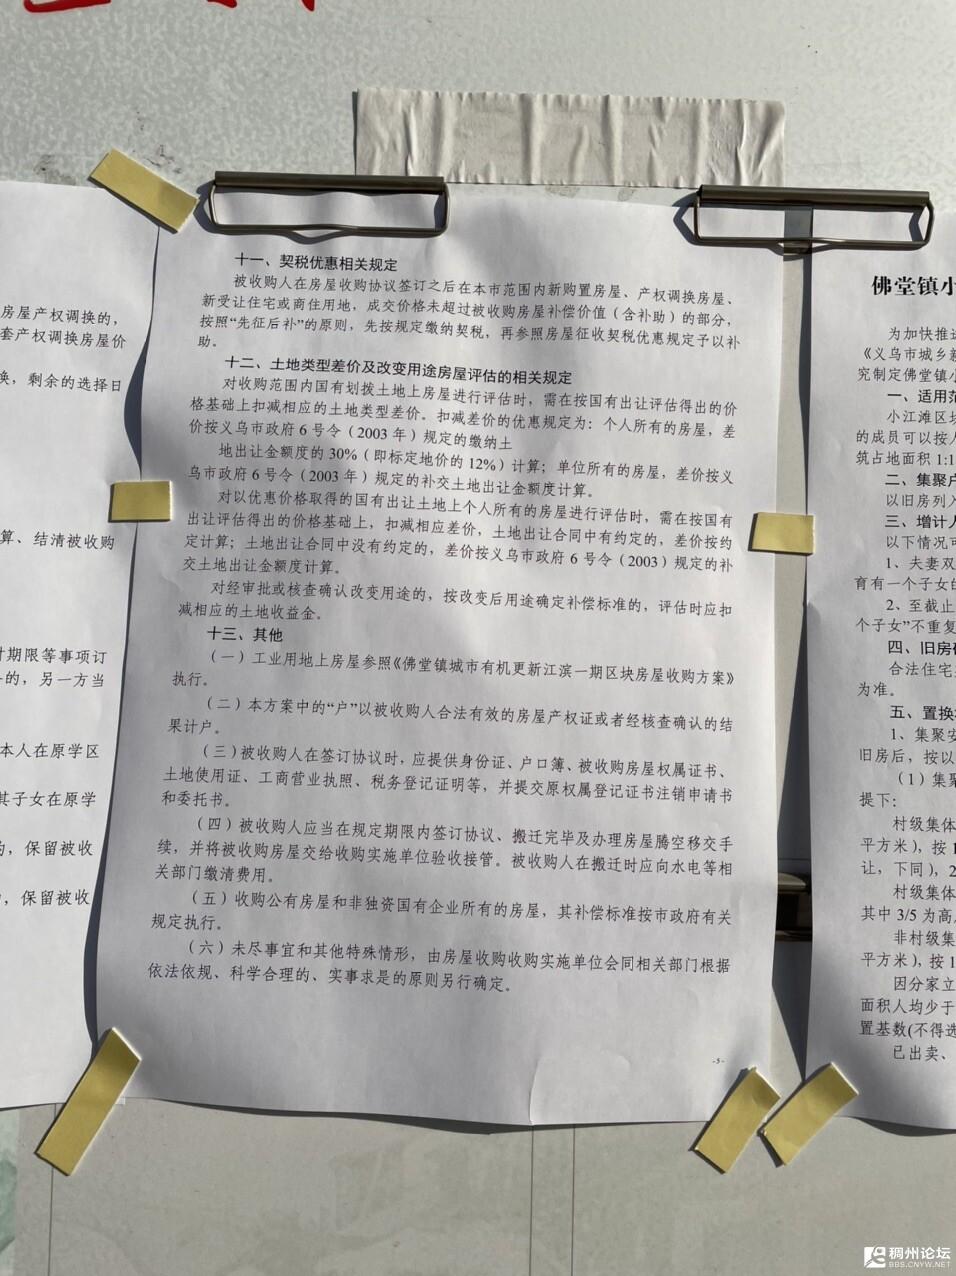 front1_0_FmD6oJkeIk6JHC5T_umIUr8Uzpdp.1610506492.jpg